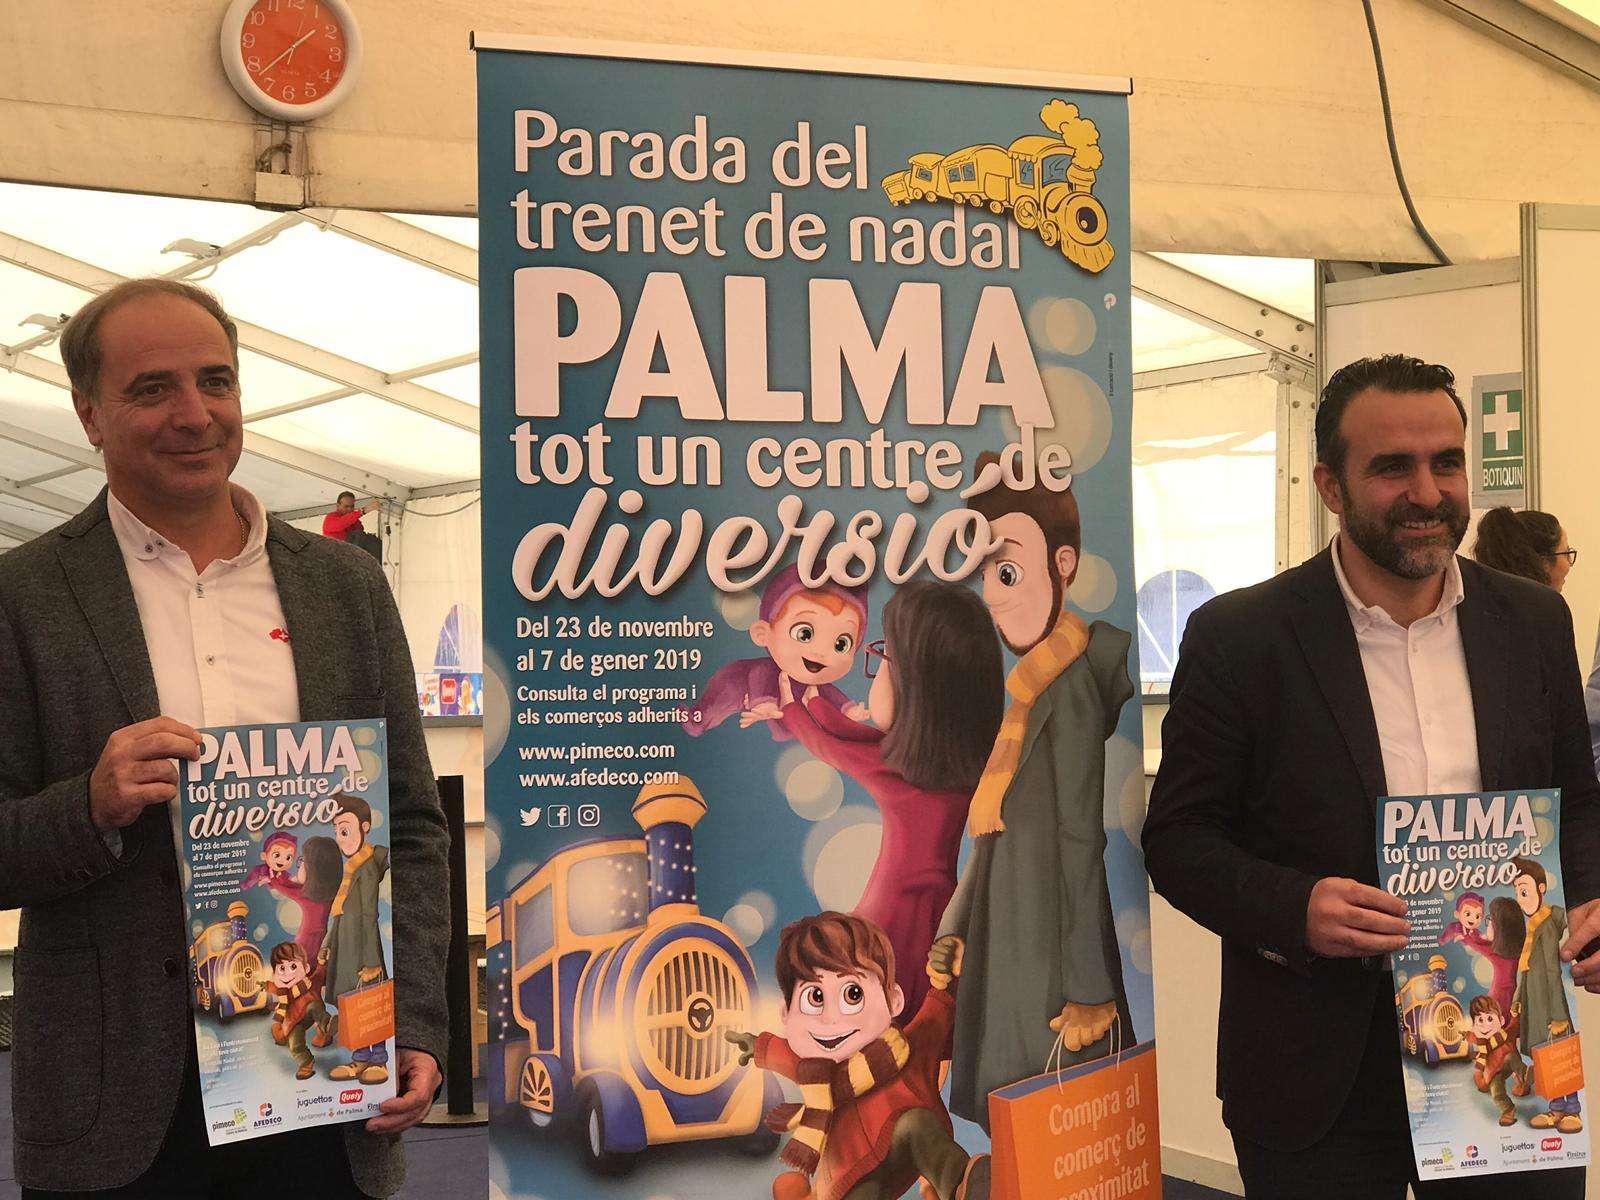 """""""Palma tot un centre de diversió"""": activitats lúdiques per a tota la família per dinamitzar la ciutat al Nadal"""